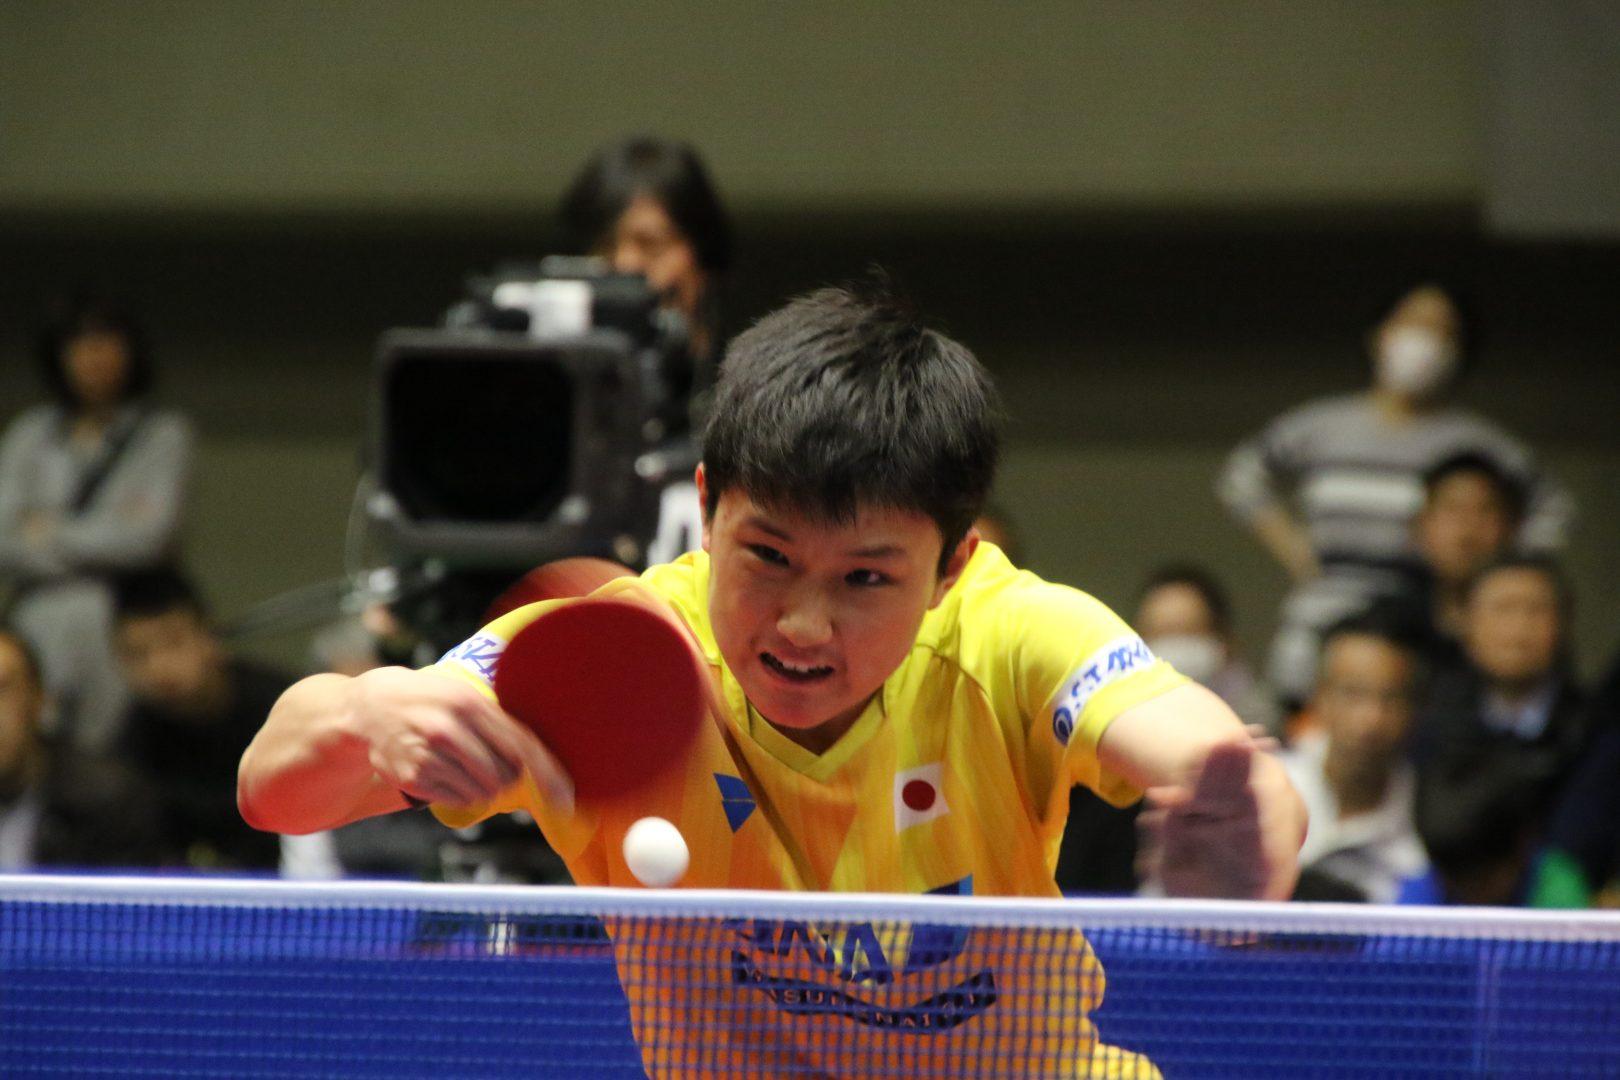 【卓球】丹羽・張本は3-4位決定戦で直接対決へ<アジアカップ男子>